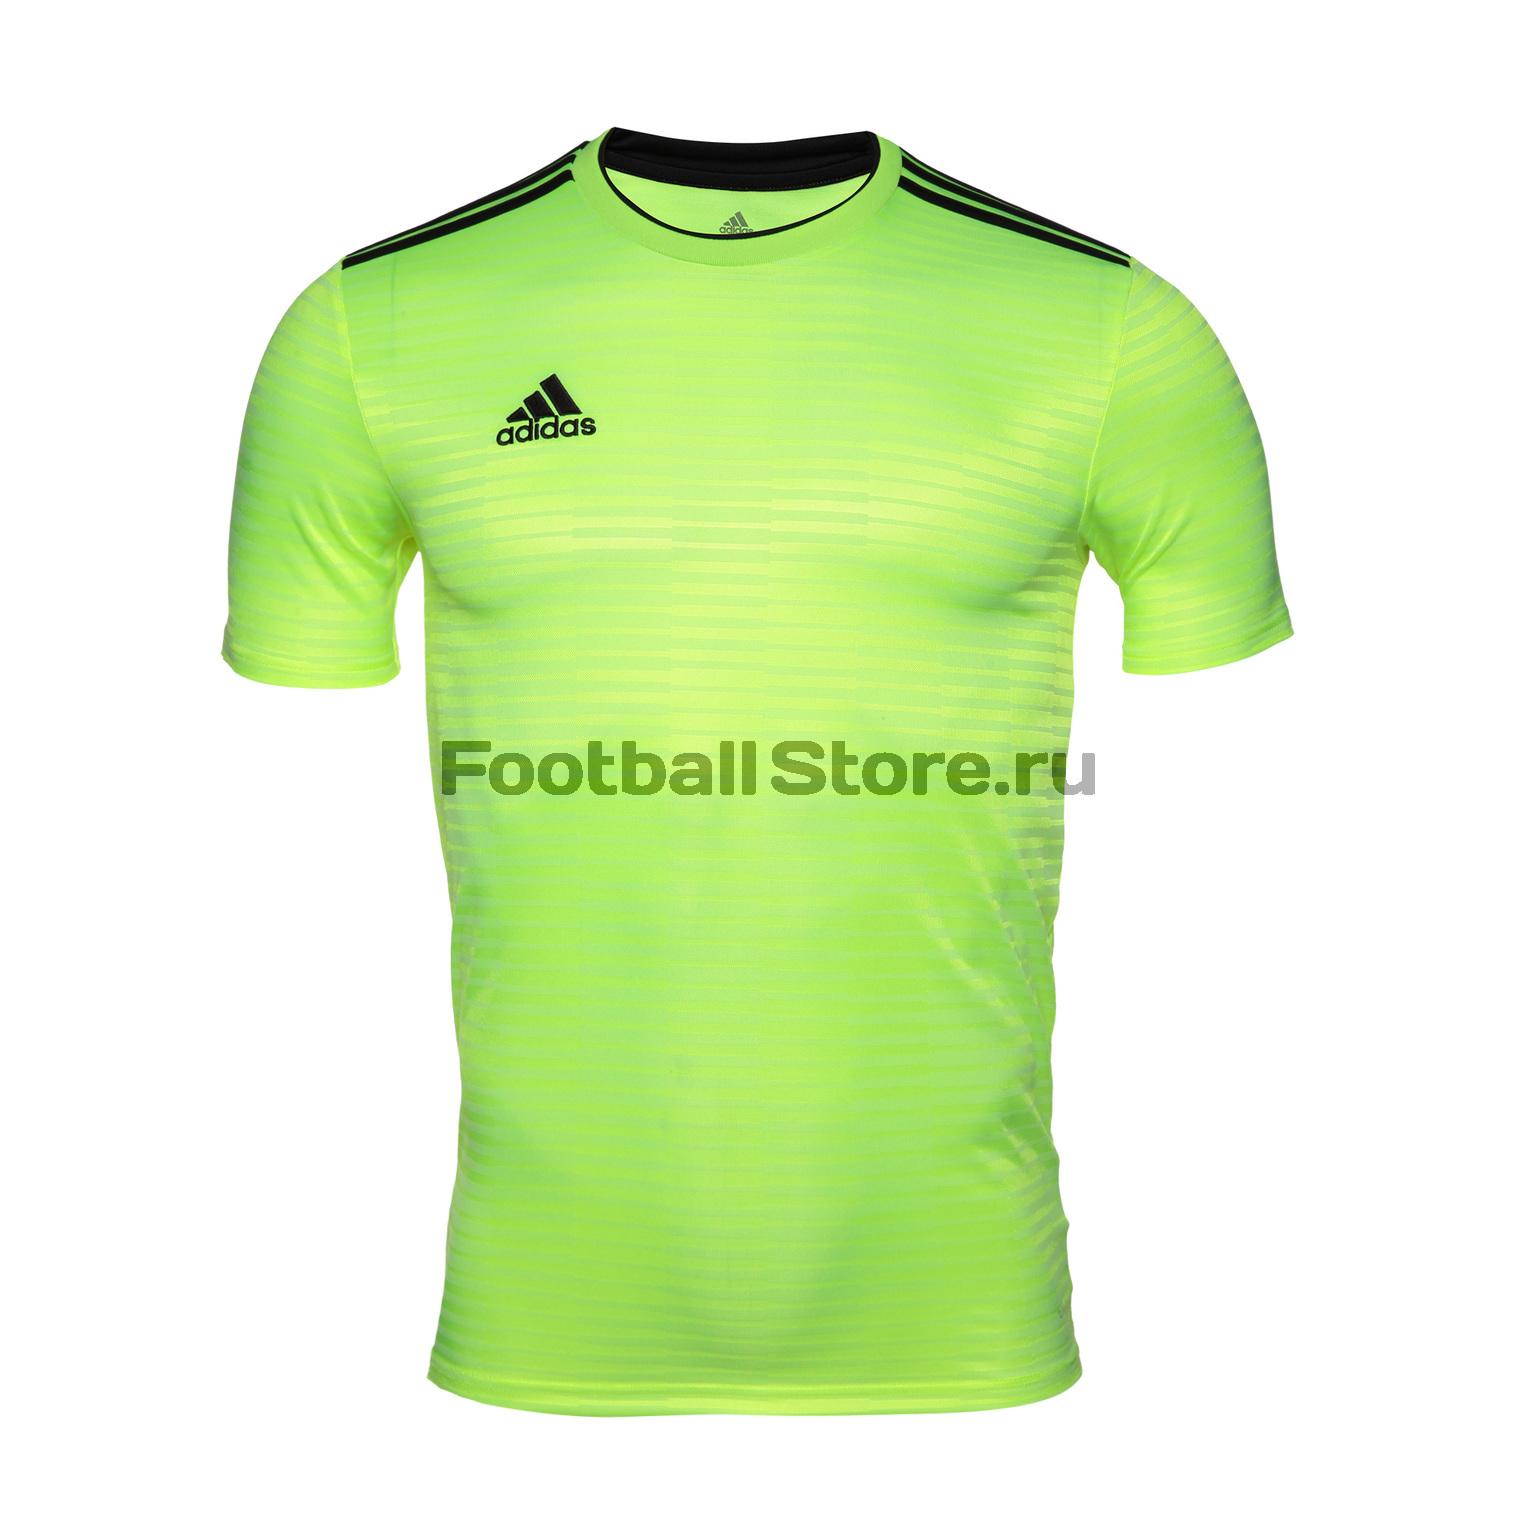 Футболка игровая Adidas Con18 JSY CF0685 футболка игровая nike dry tiempo prem jsy ss 894230 057